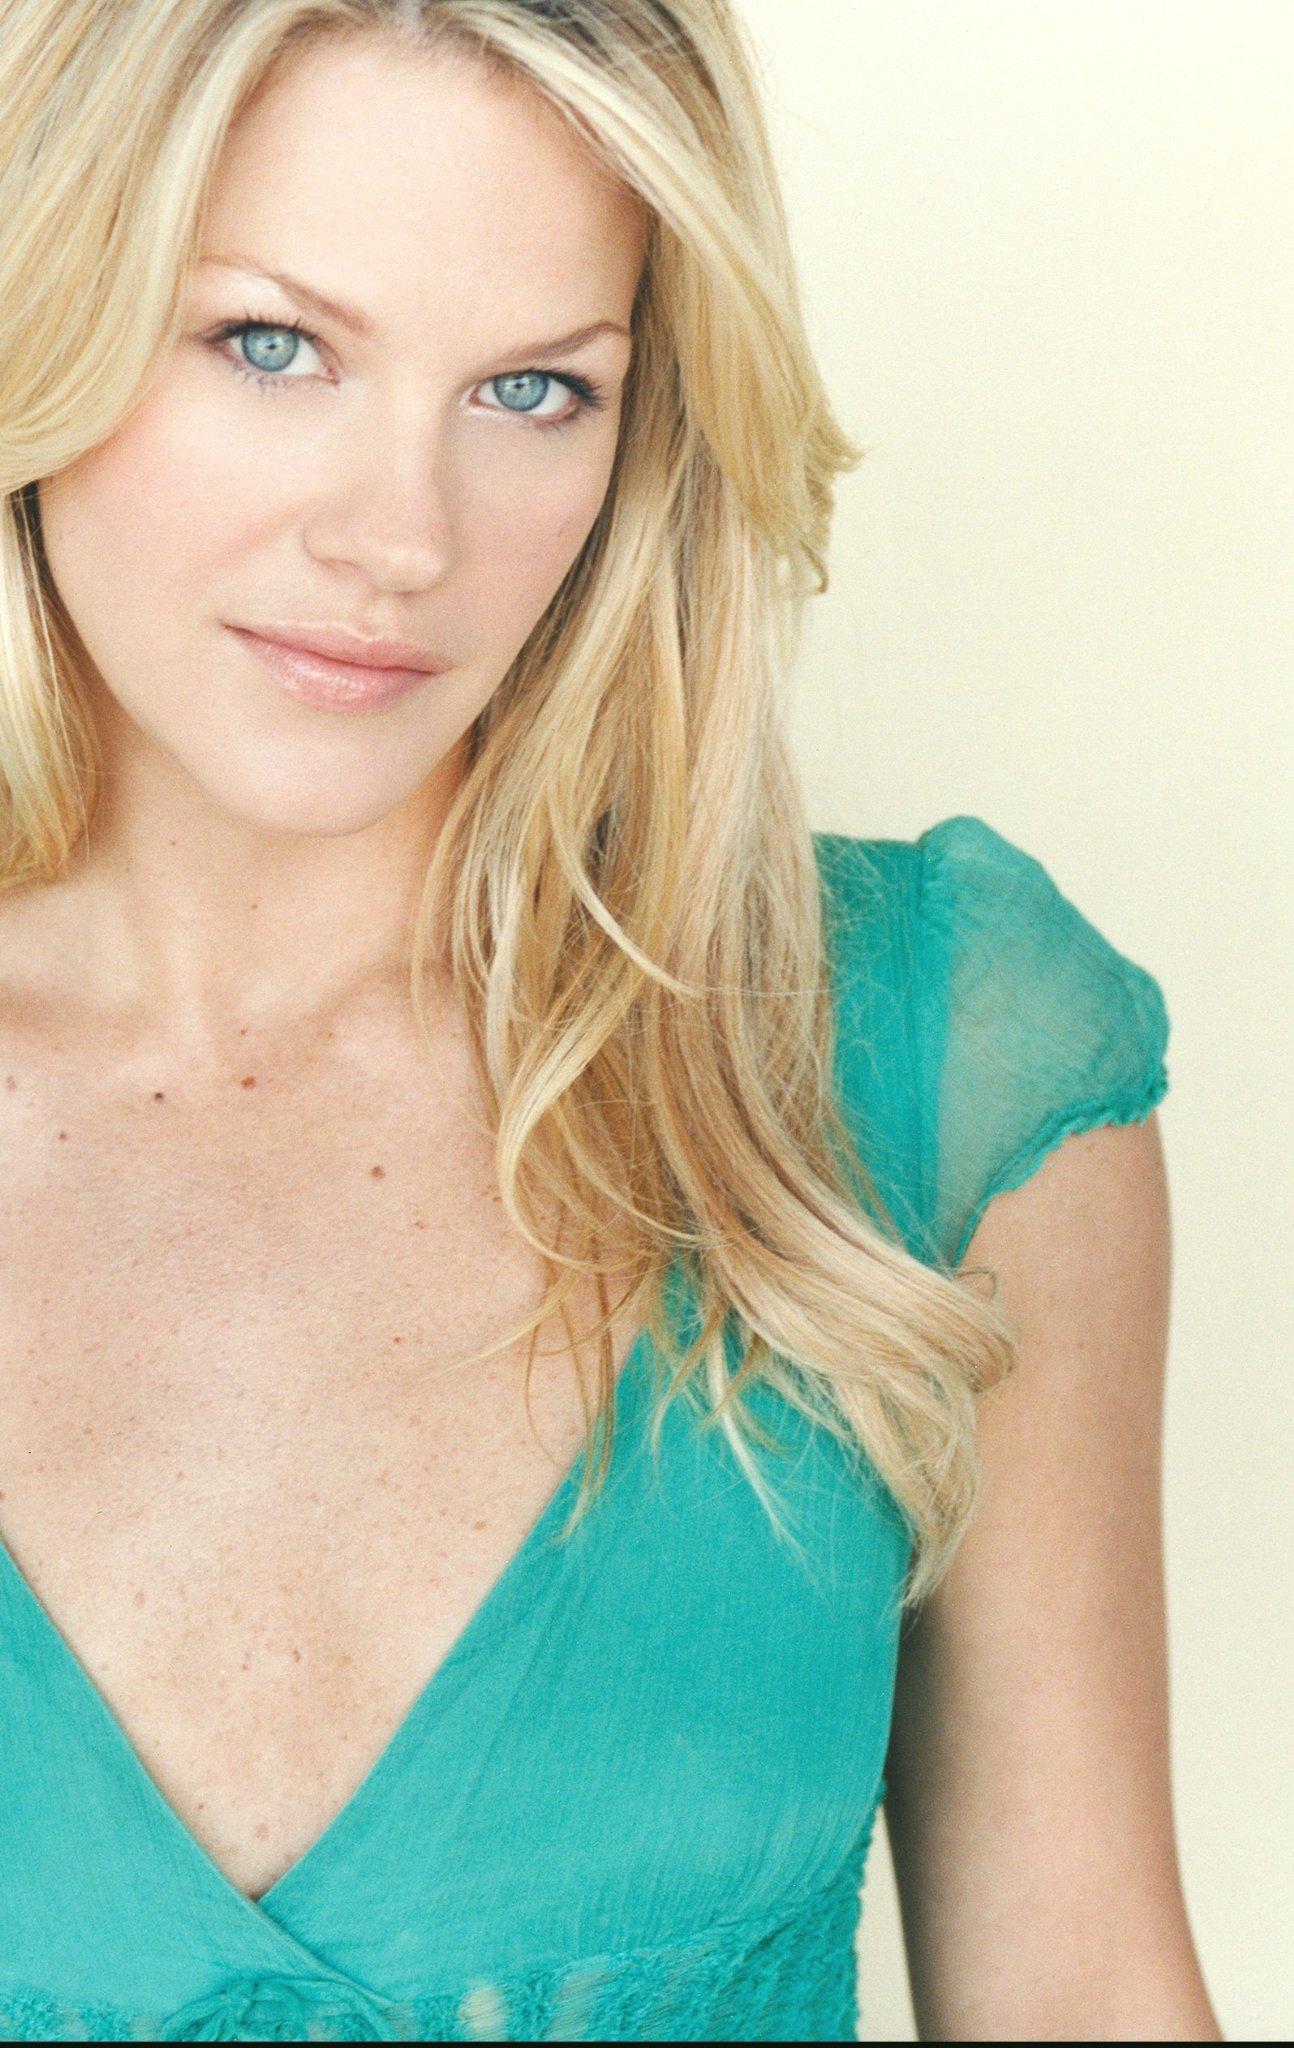 Shelby Fenner Nude Photos 4